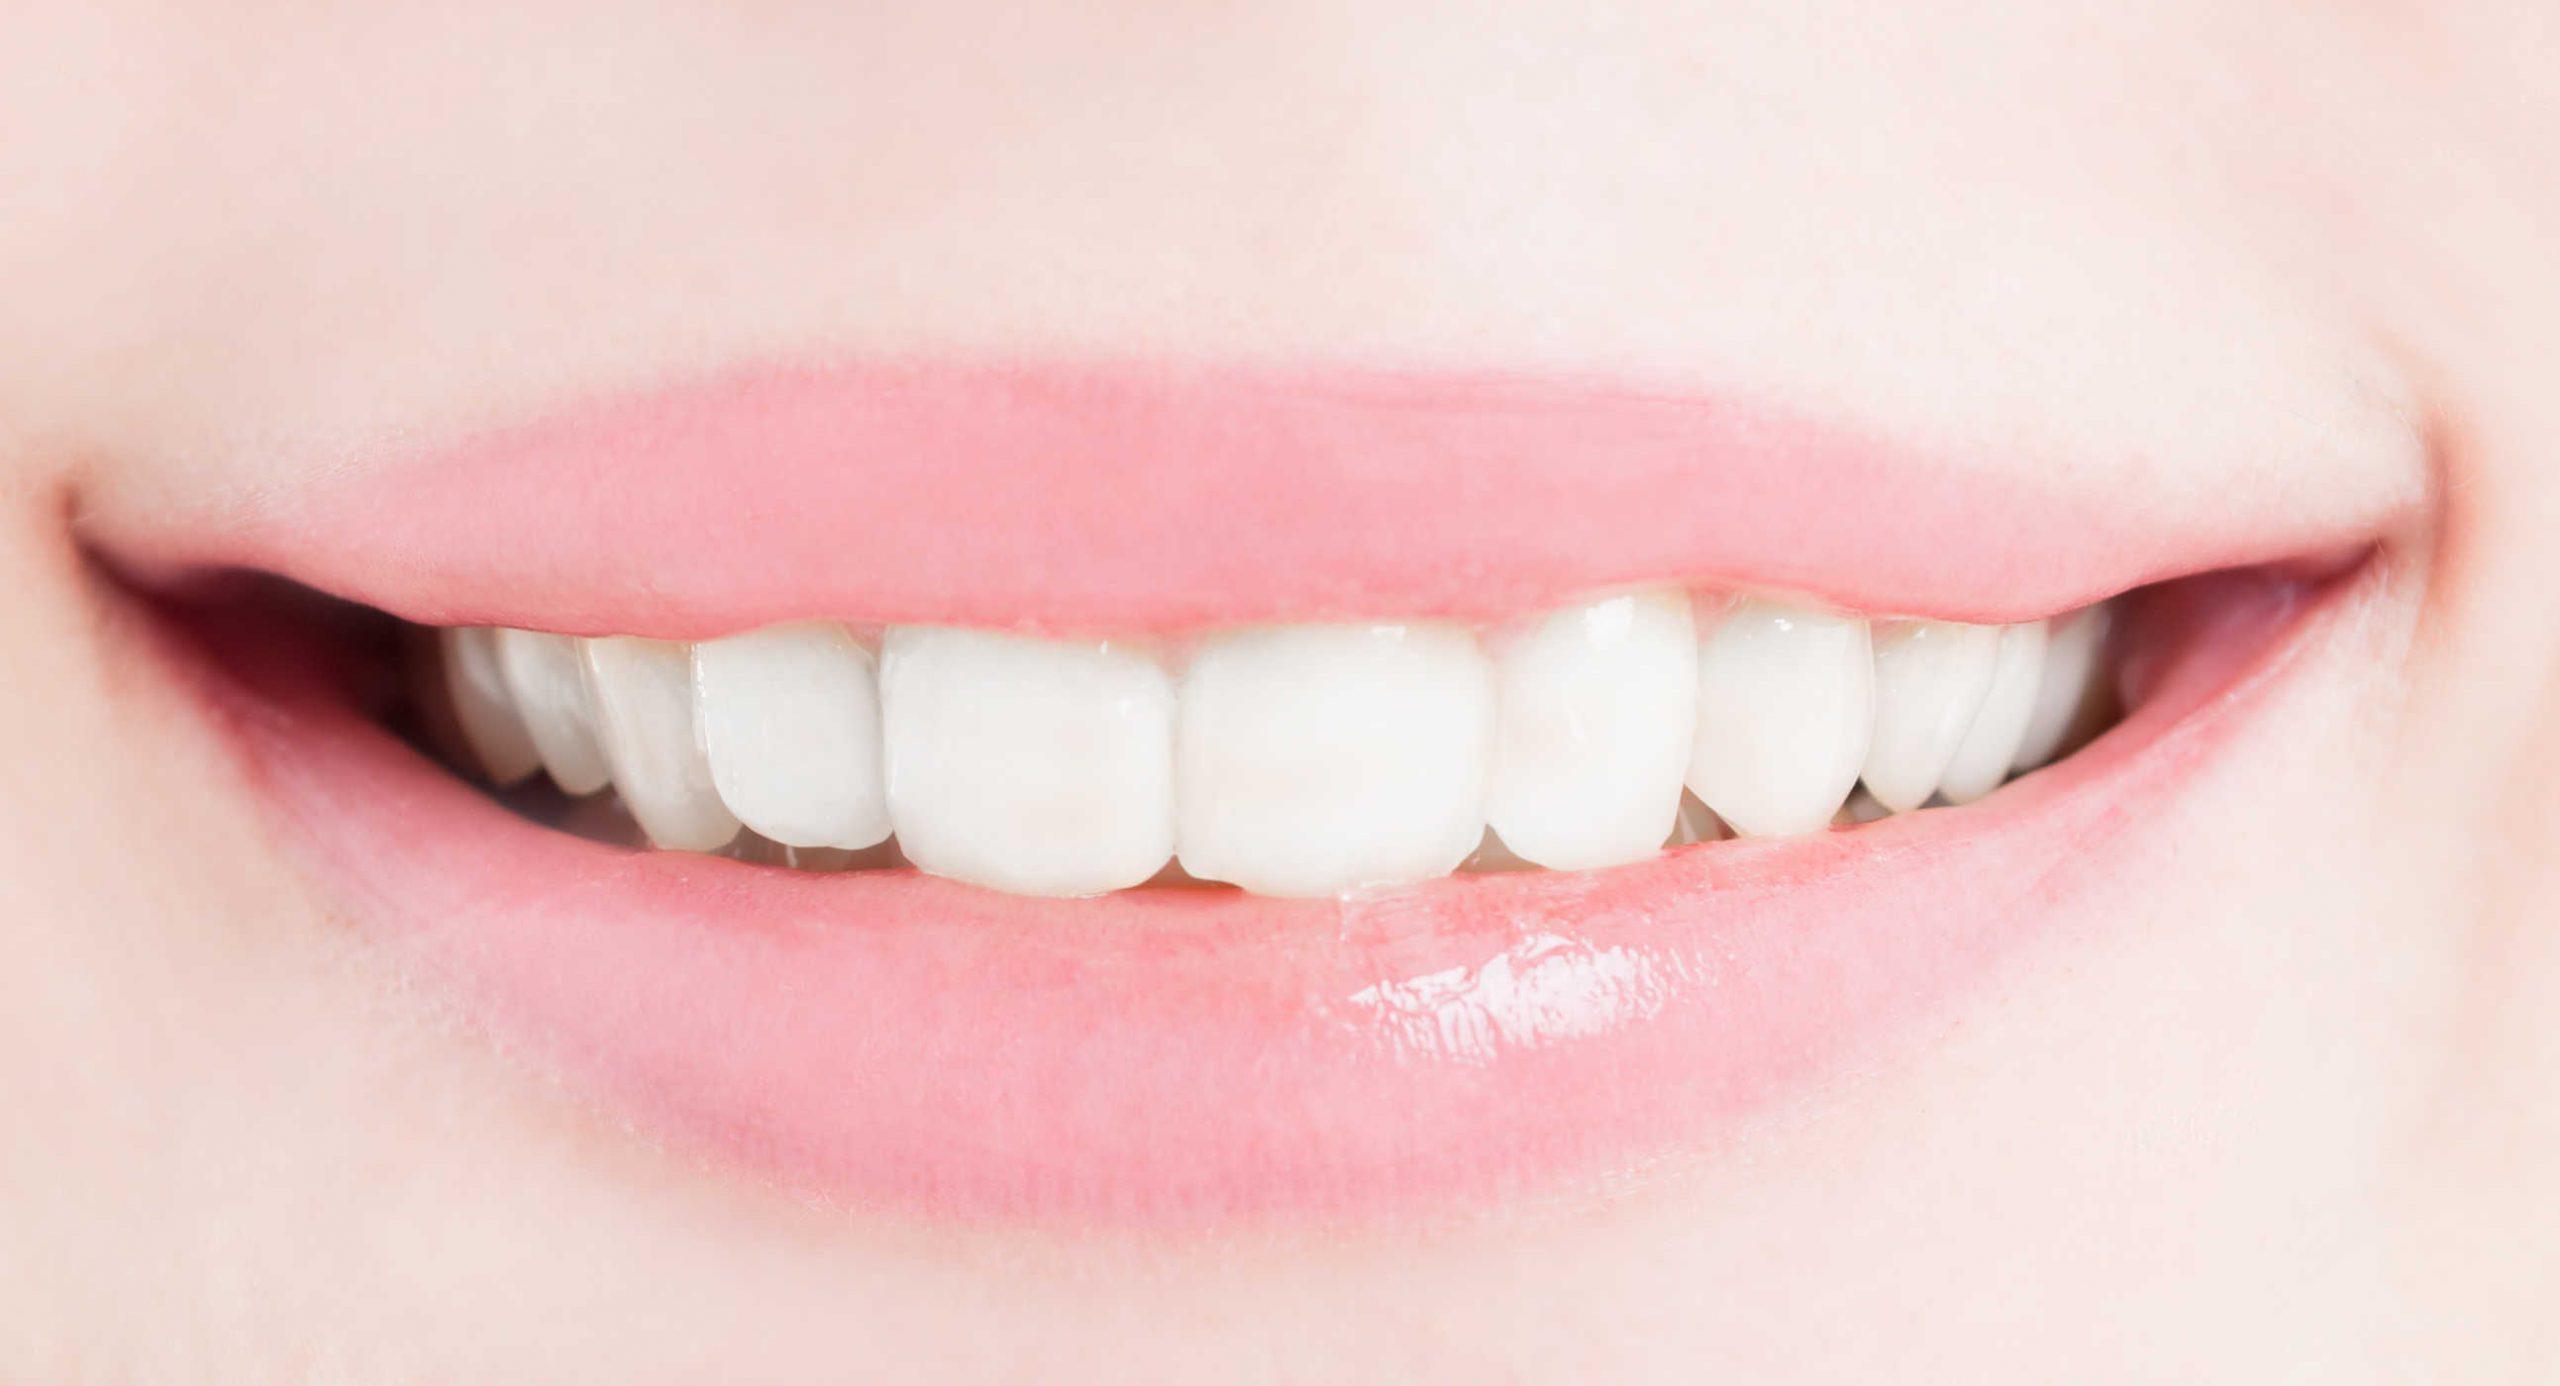 Review thuốc tẩy trắng răng nite white có tốt không, thuốc tẩy trắng răng nite white có tốt không, Review thuốc tẩy trắng răng nite white, thuốc tẩy trắng răng nite white, thuốc tẩy trắng răng zoom nite white 22, thuốc tẩy trắng răng tại nhà nite white, tẩy trắng răng nite white